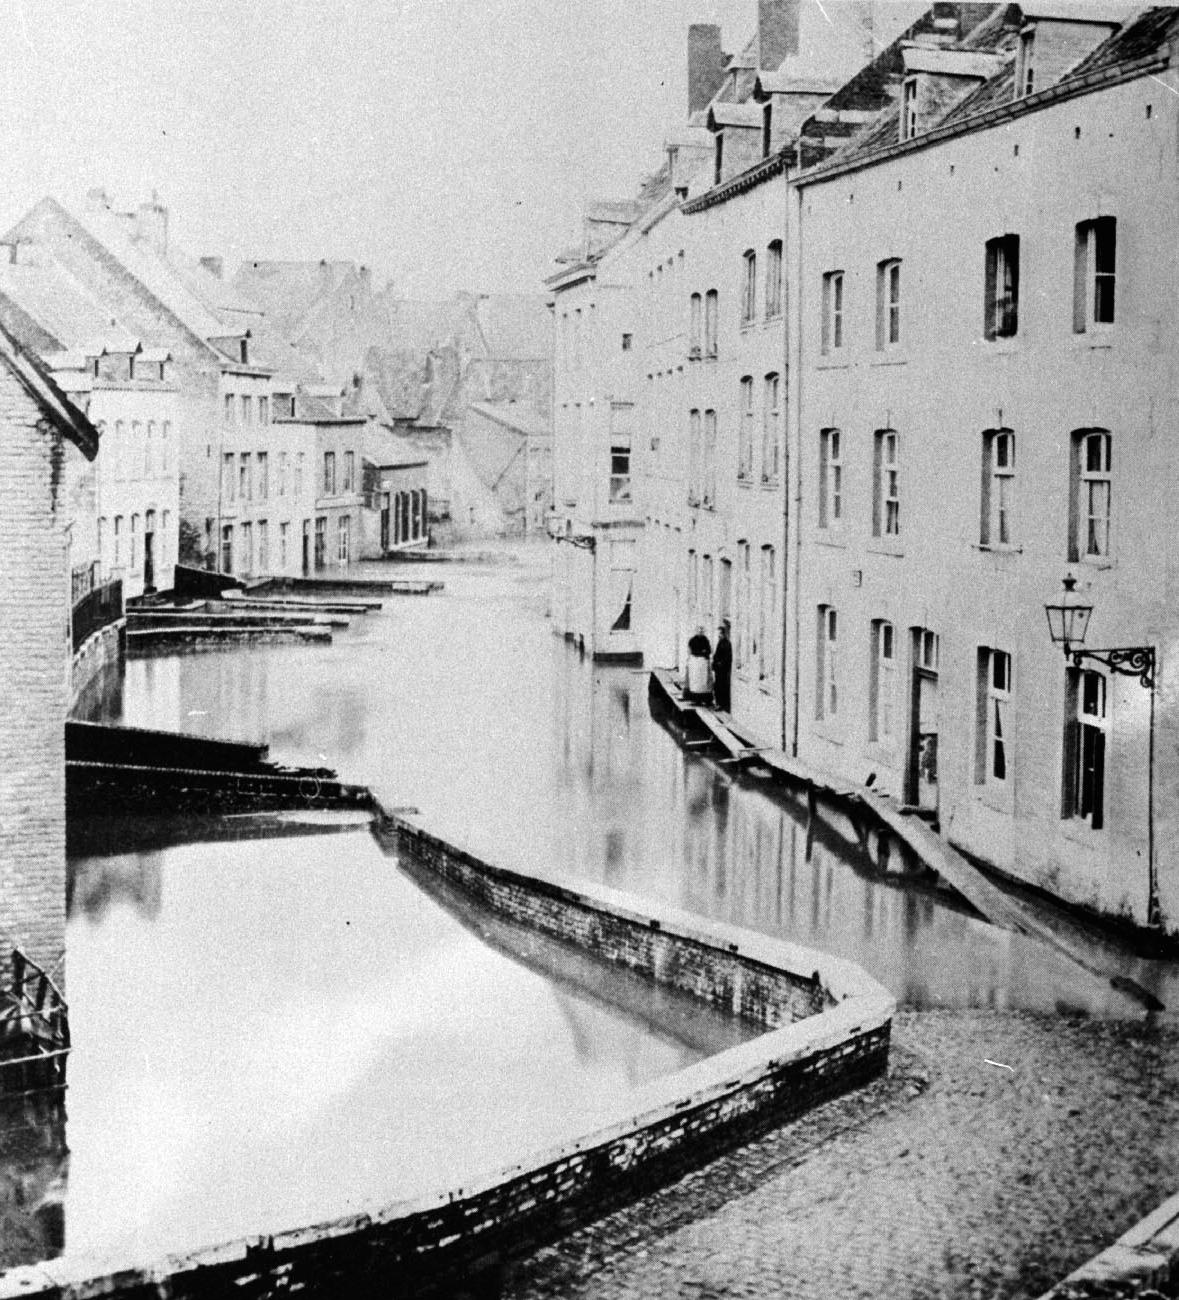 kleine-looierstraat-1882.jpg